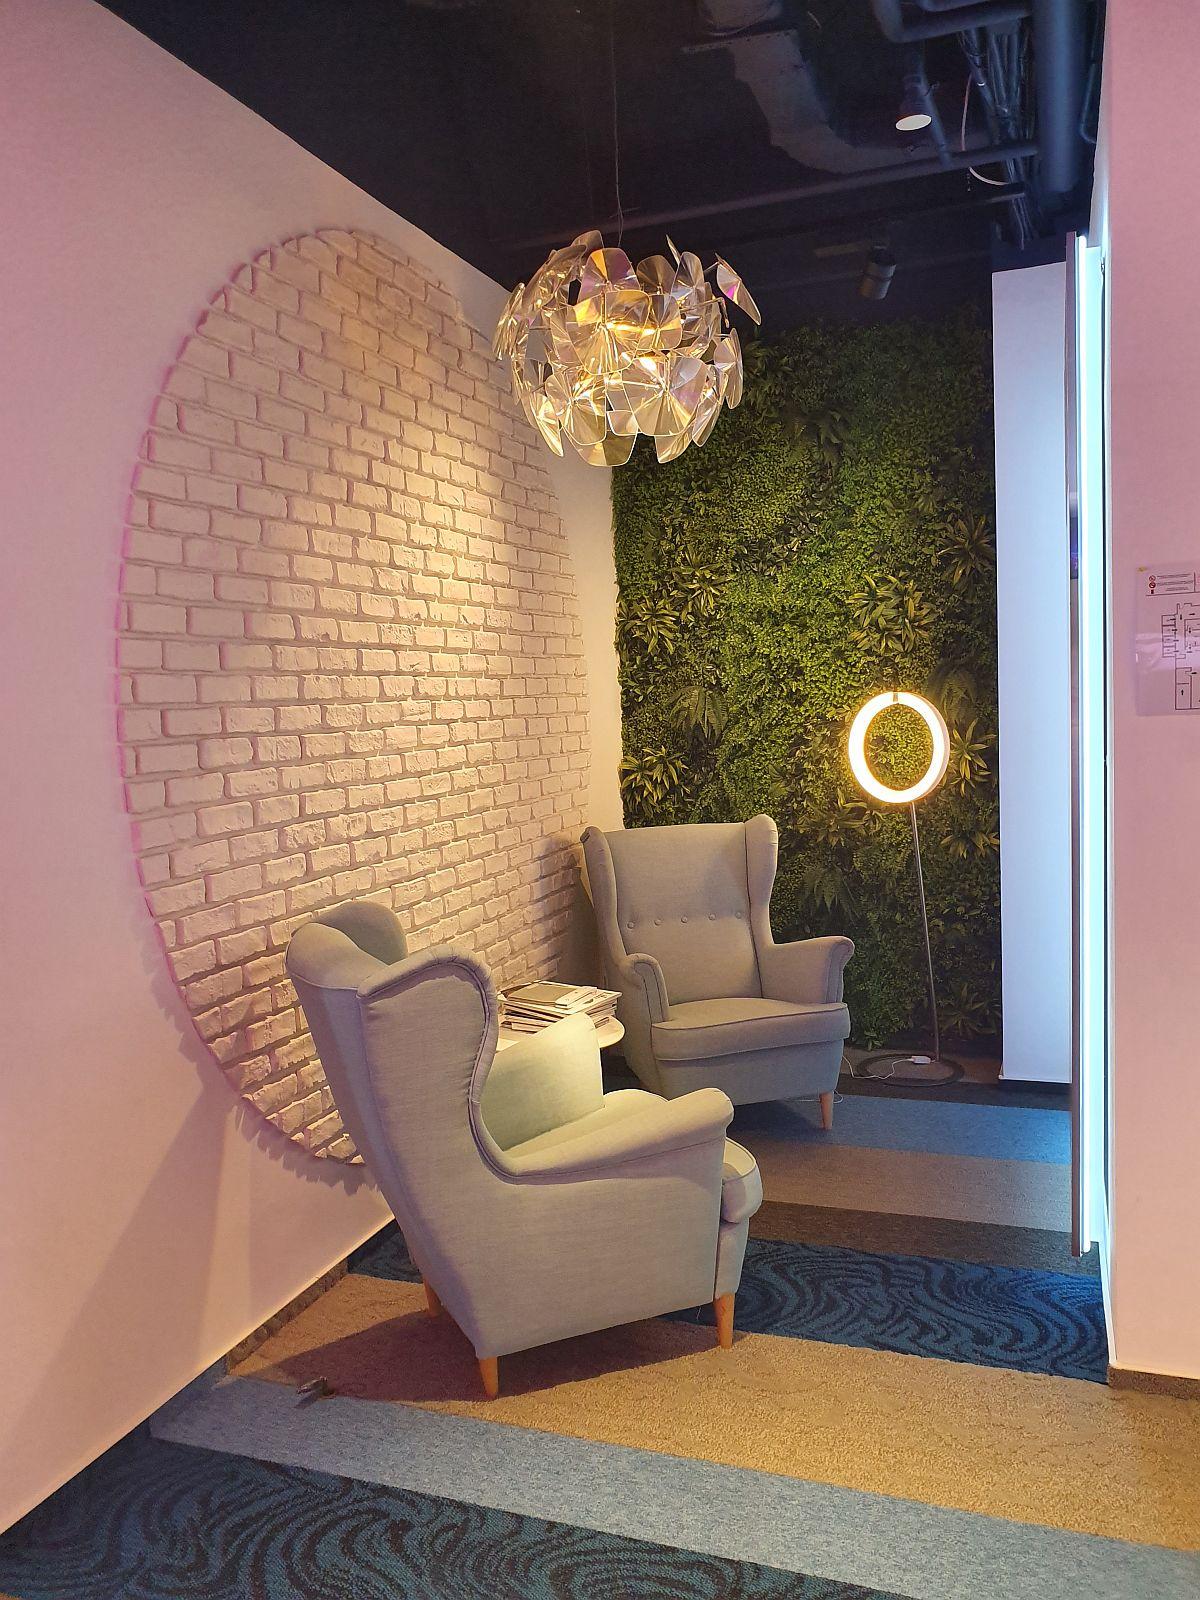 Sediul-showroom Signify din București, firmă specializată în sisteme și soluții de iluminat interior și arhitectural. Cu telefonul Samsung Galaxy S10+ am surprins inclusiv temepratura diferită a surselor de iluminat prezente în ambient. Și nu, nu am făcut nicio setare specială pentru asta.